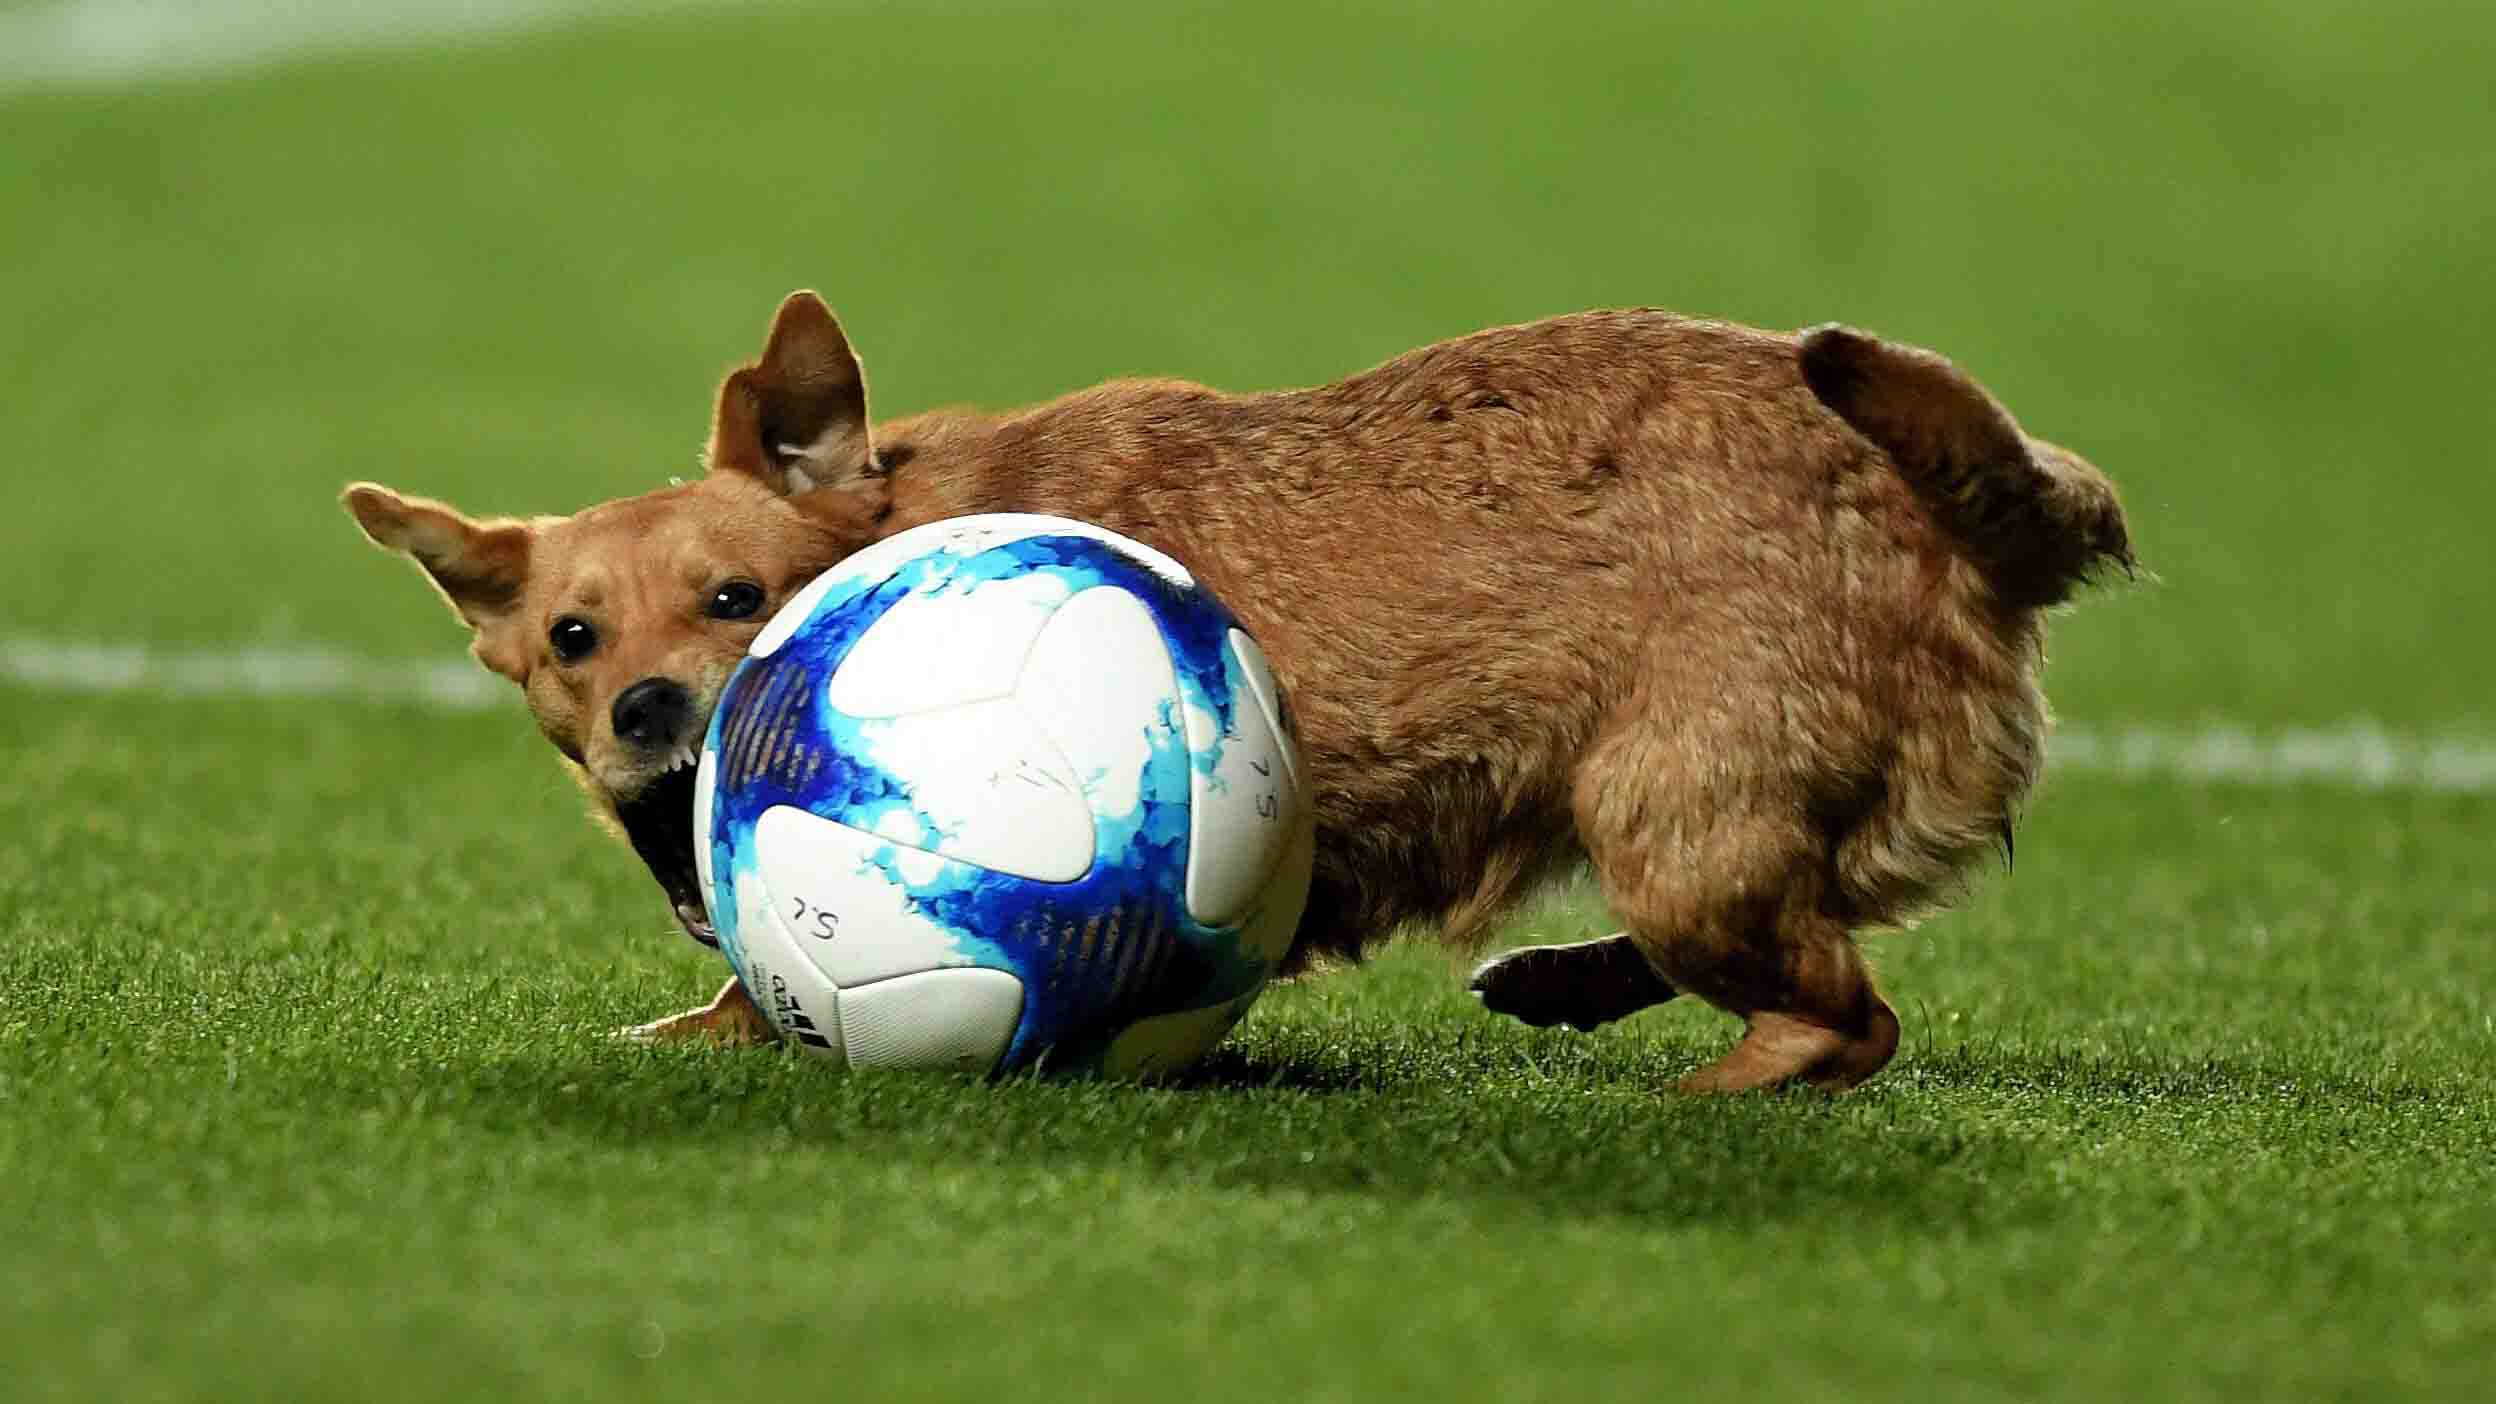 La pequeña mascota demostró sus habilidades con la pelota, usando su hocico para moverla de un lado a otro